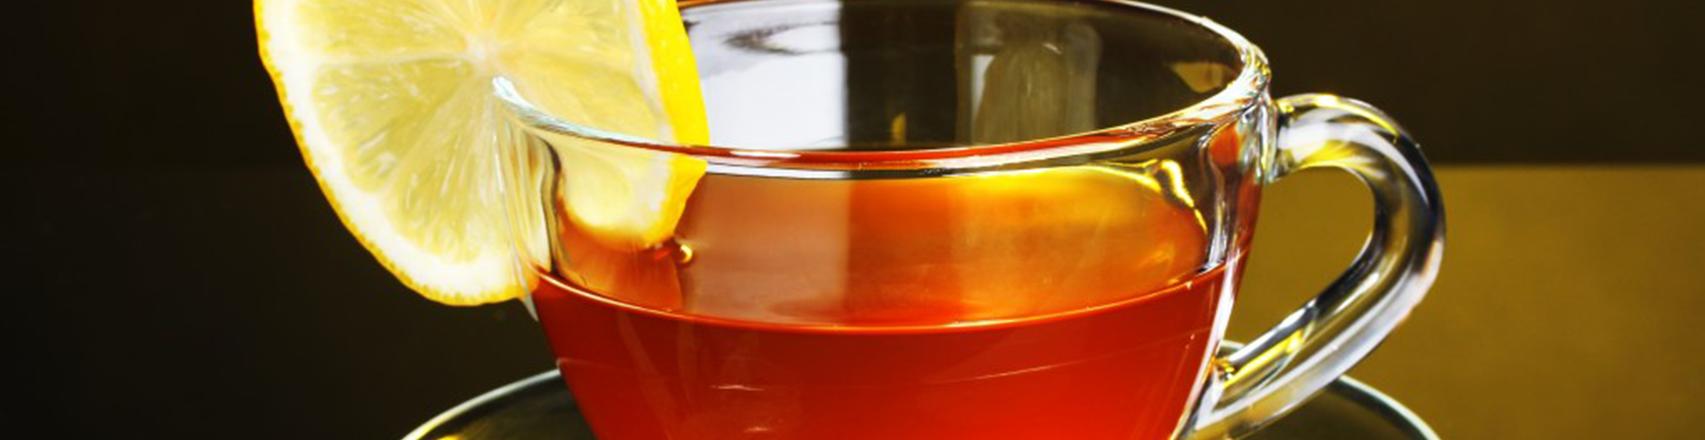 Купить чай в Москве, интернет-магазин чая Germmarket